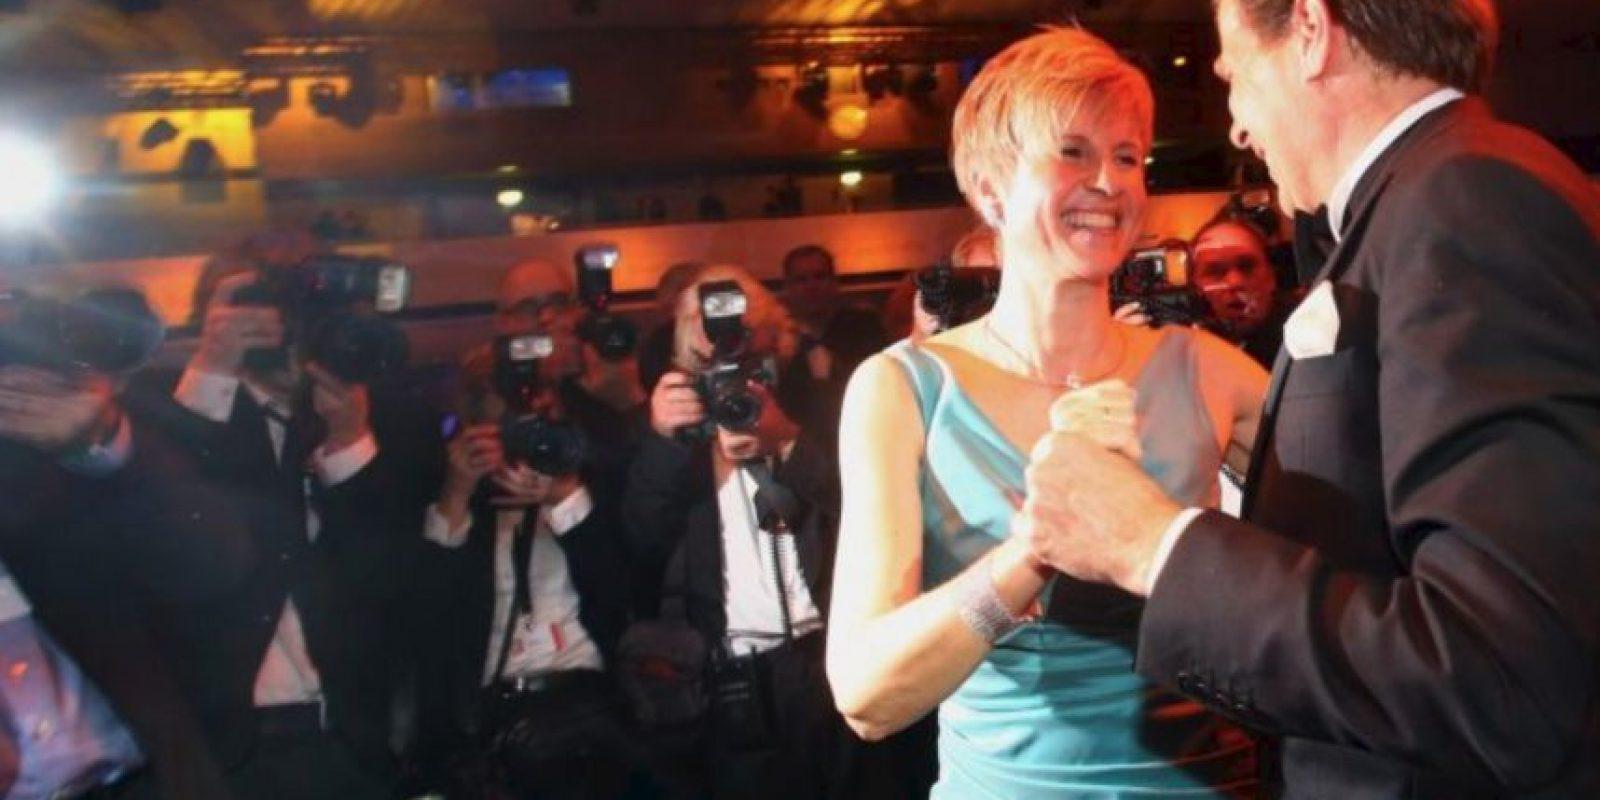 La alemana tiene una fortuna avaluada en 16.8 mil millones de dólares Foto:vía Getty Images